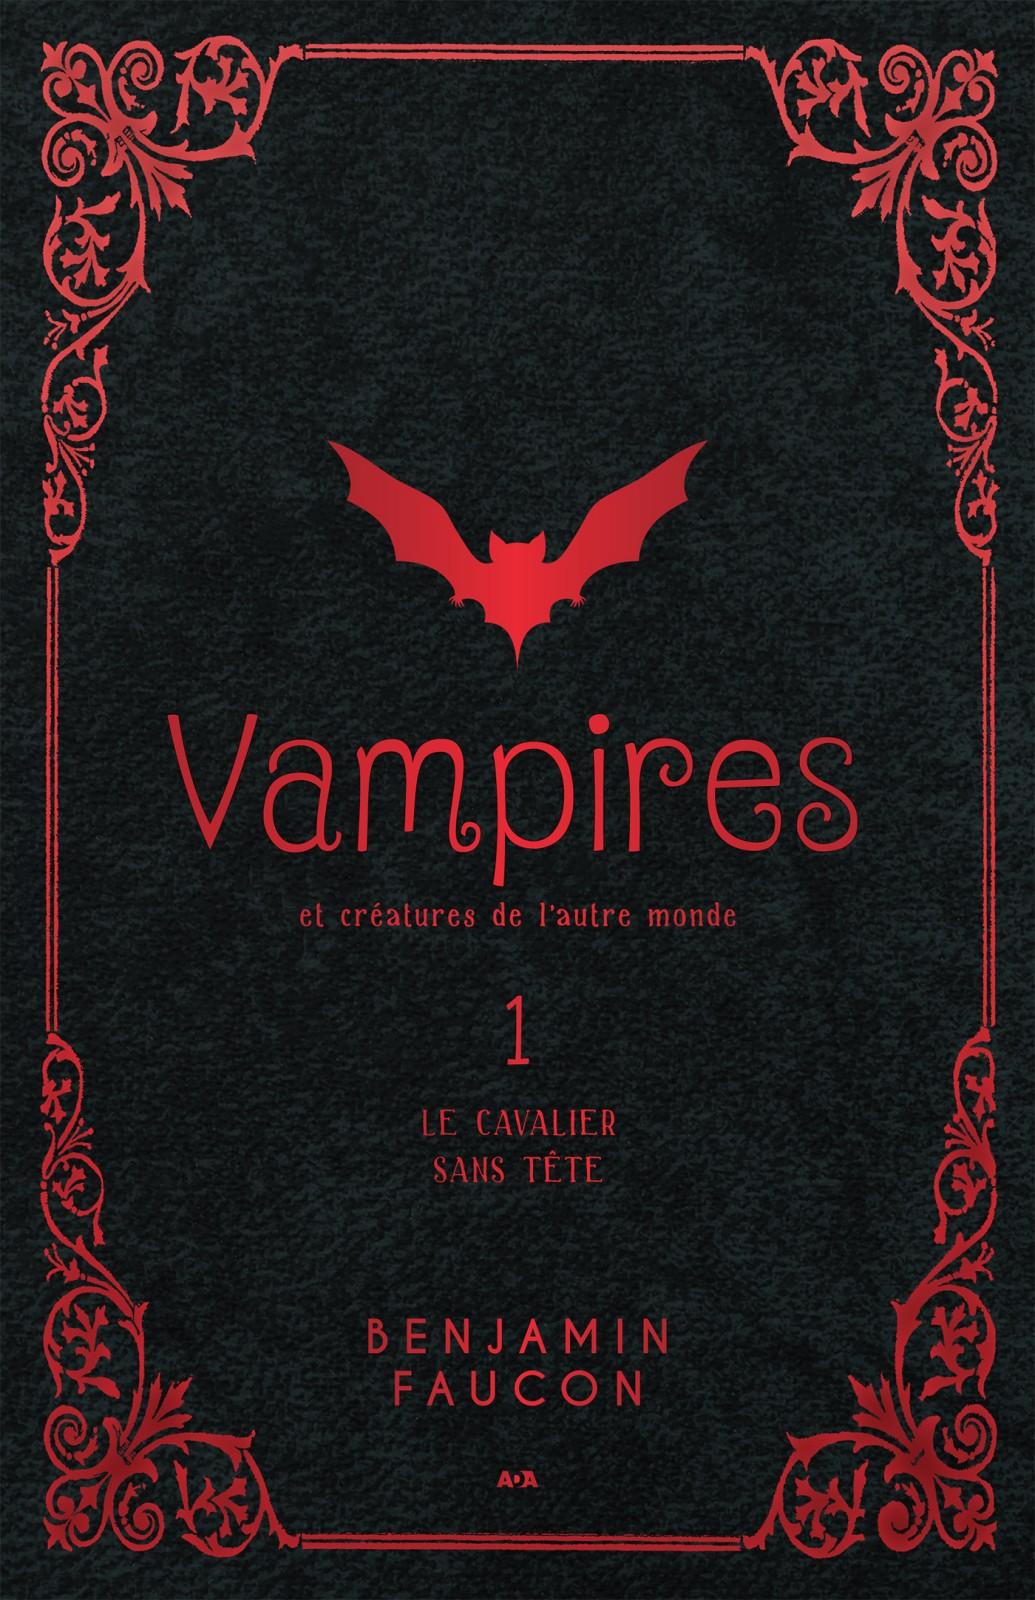 Vampires et créatures de l'autre monde, Le cavalier sans tête